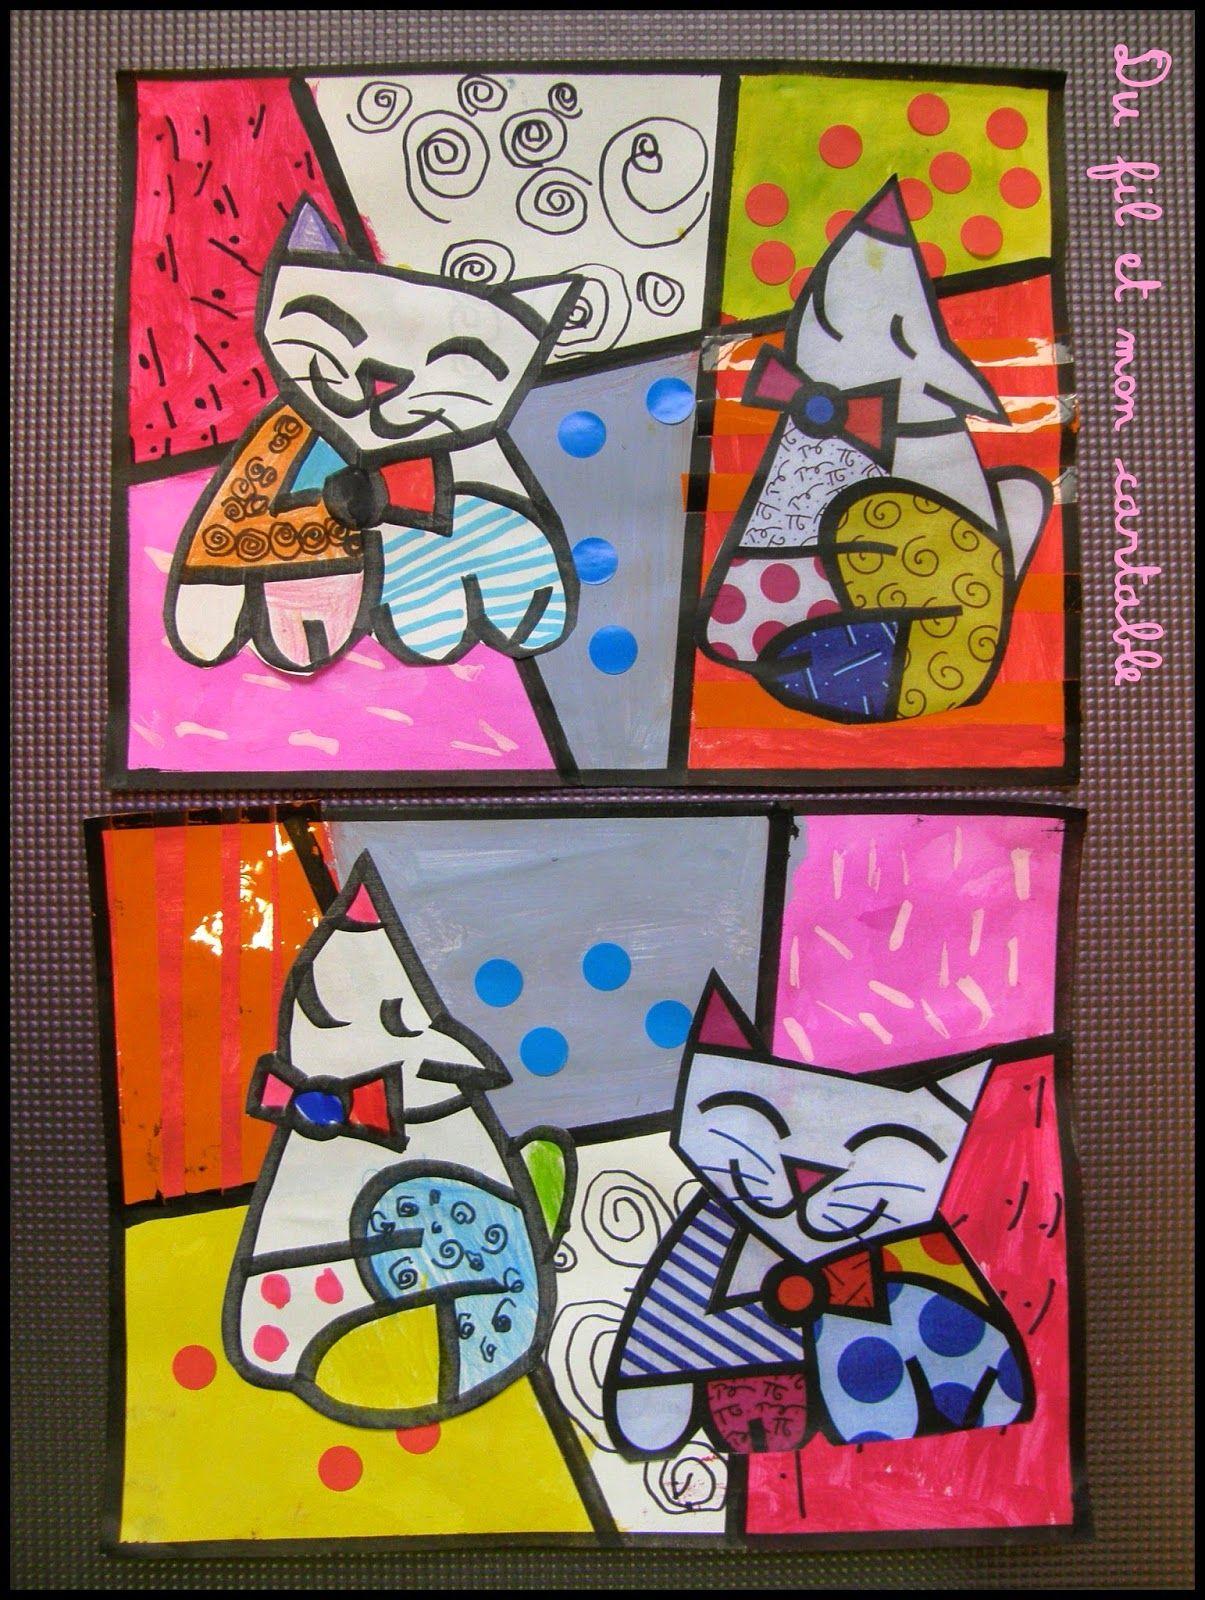 Alors Ce N Est Pas Vraiment A La Maniere De Mais Plutot Une Nouvelle Exploitation Des œuvres De Rom Art Jeunes Enfants Romero Britto Enseignement De L Art